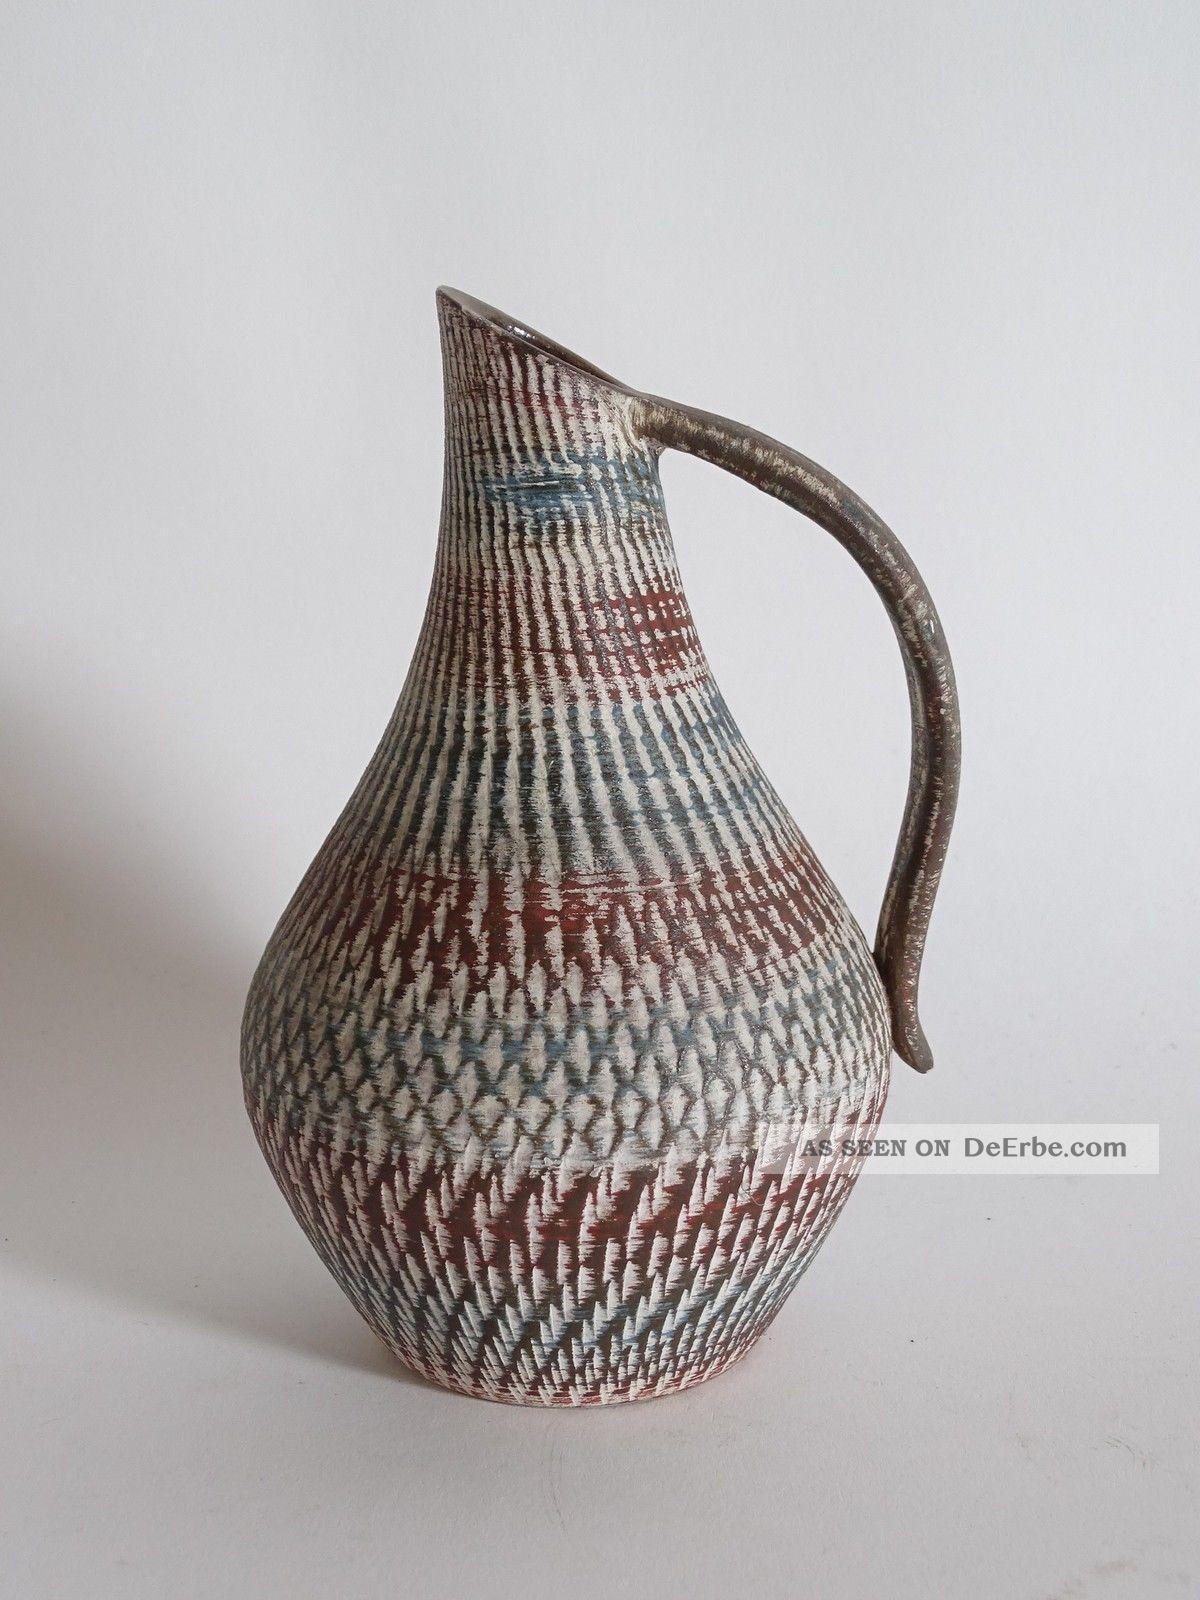 Studio Design Ausgefallene Keramik Höhr Grenzhausen Vase 50er Jahre 235/18 Nr 36 1950-1959 Bild